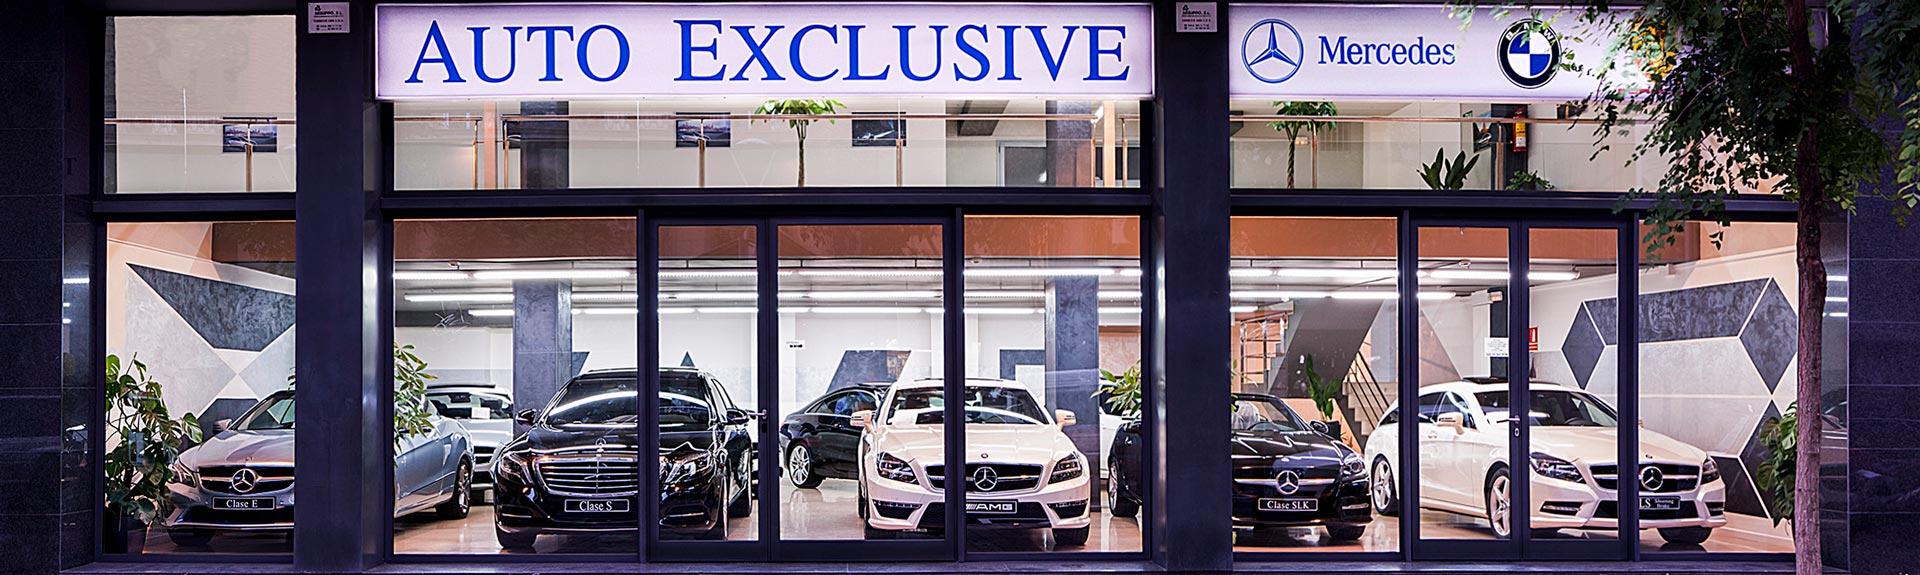 Fachada - Concesionario Auto Exclusive BCN - Tu concesionario de Vehículos de Ocasión, Demostración y Gerencia Mercedes - Benz en Barcelona. Grandes Ofertas den Vehículos.